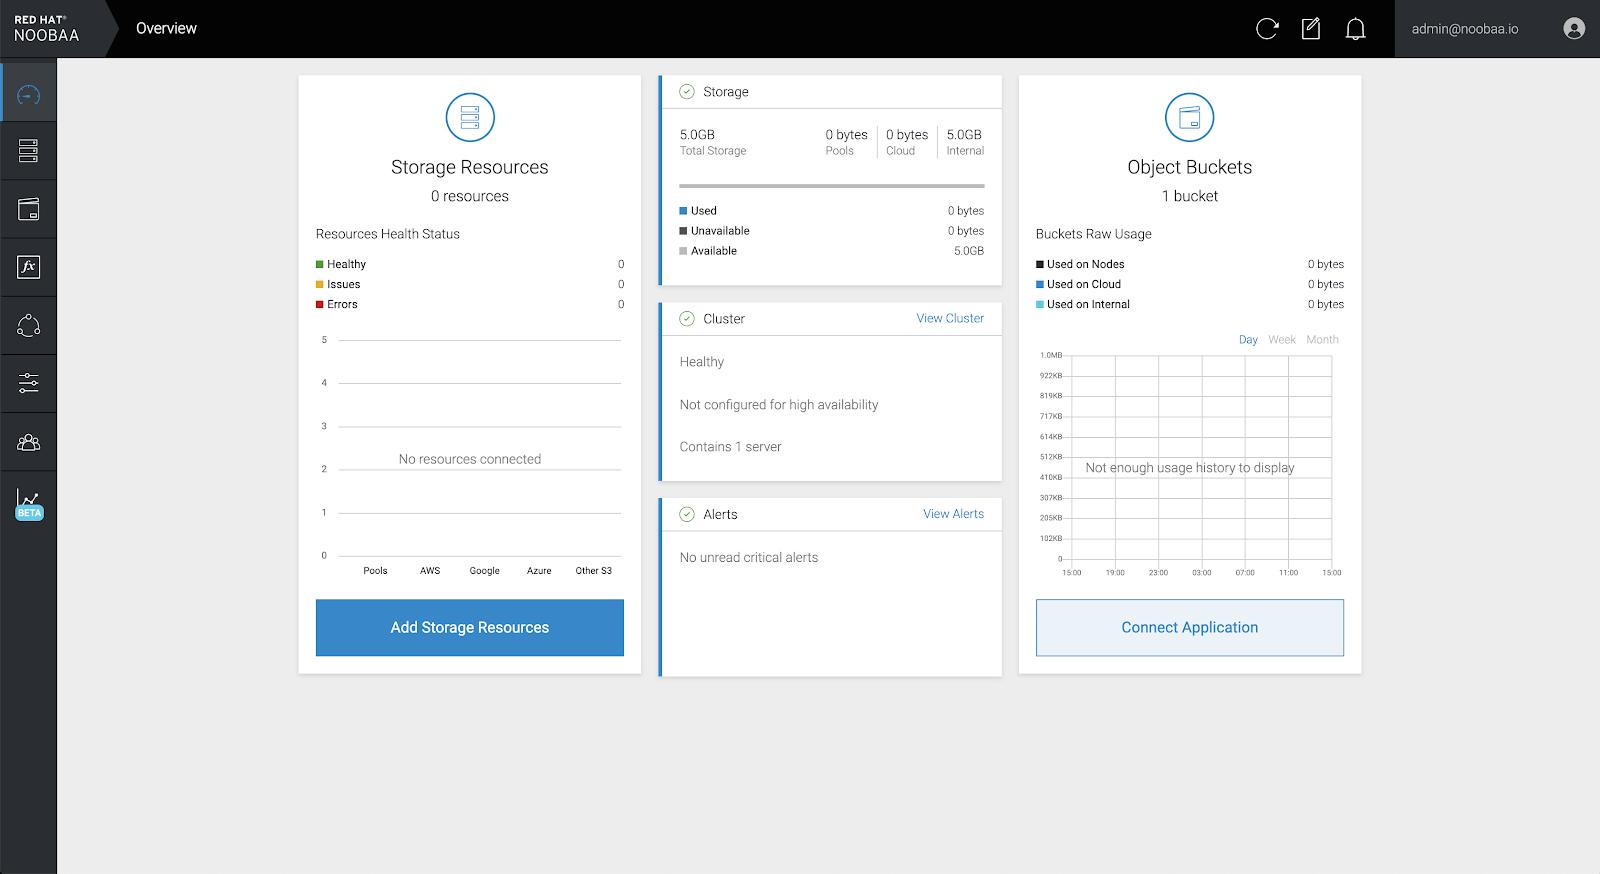 MCG add storage resources button